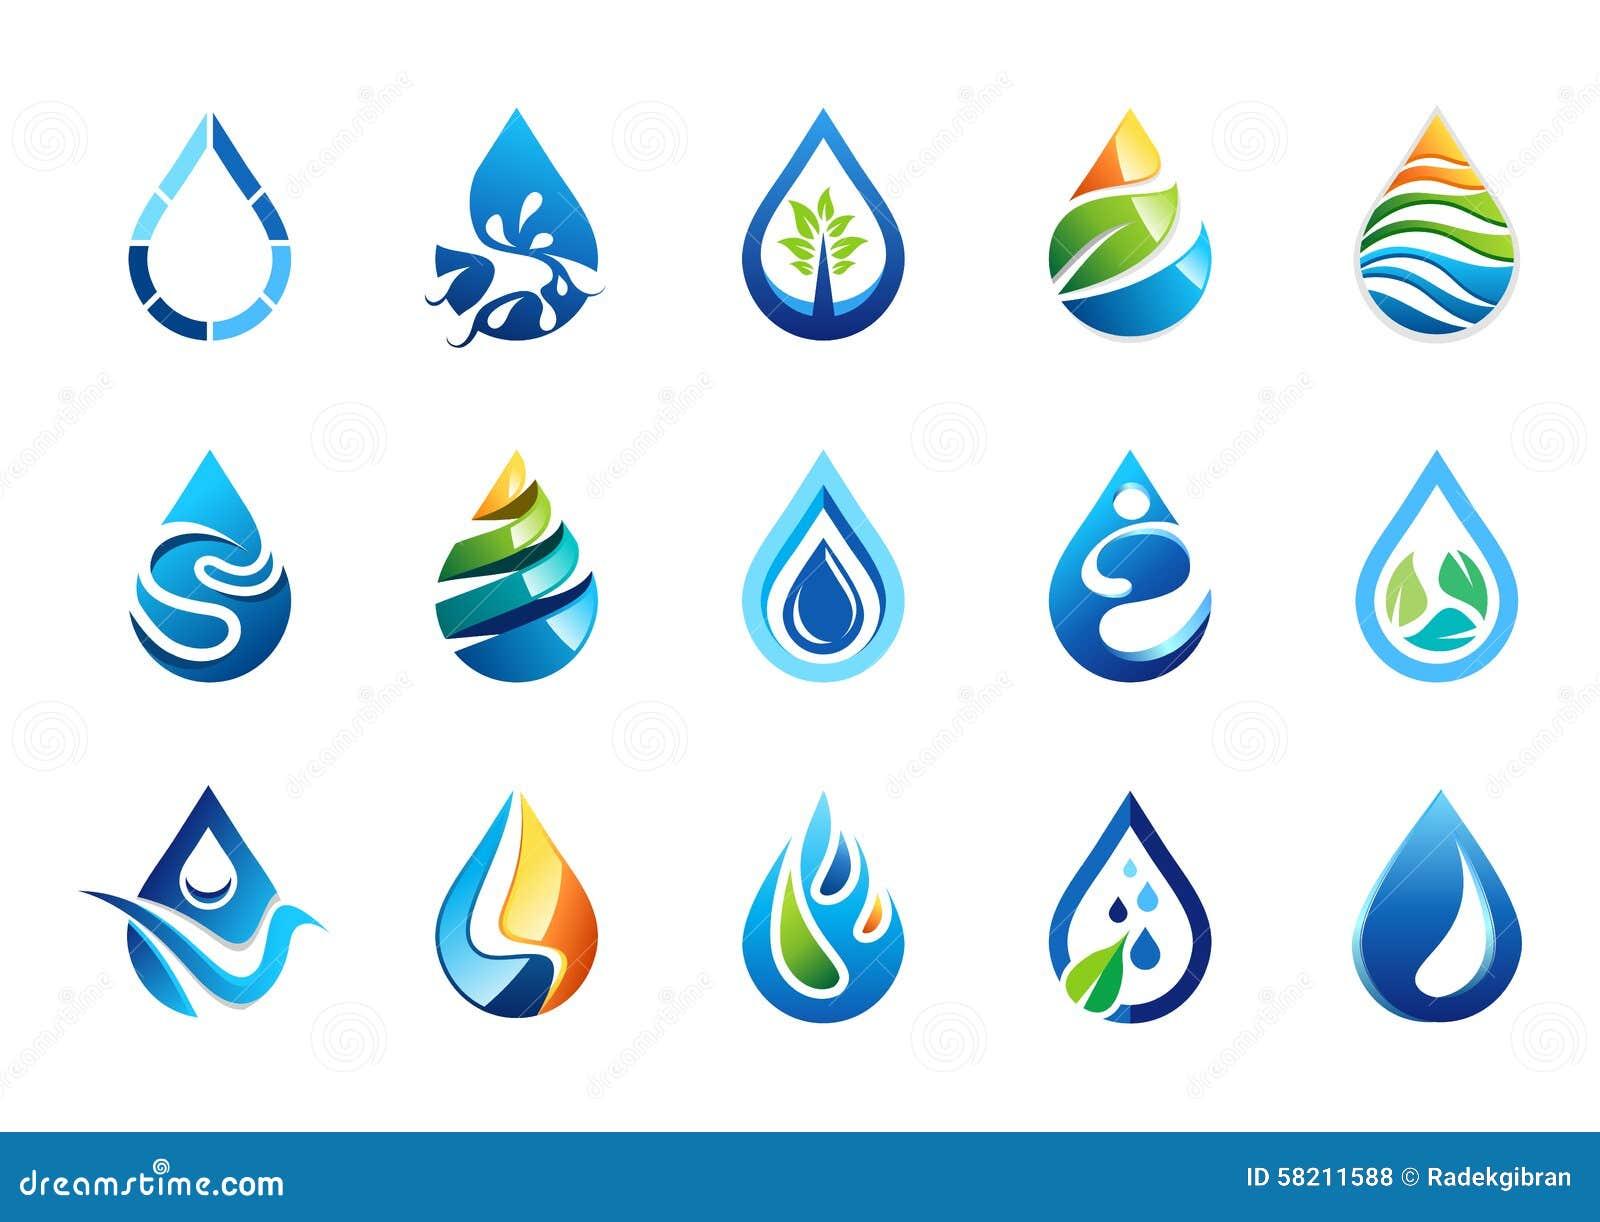 Το νερό ρίχνει το λογότυπο, σύνολο εικονιδίου συμβόλων πτώσεων νερού, διανυσματικό σχέδιο στοιχείων πτώσεων φύσης